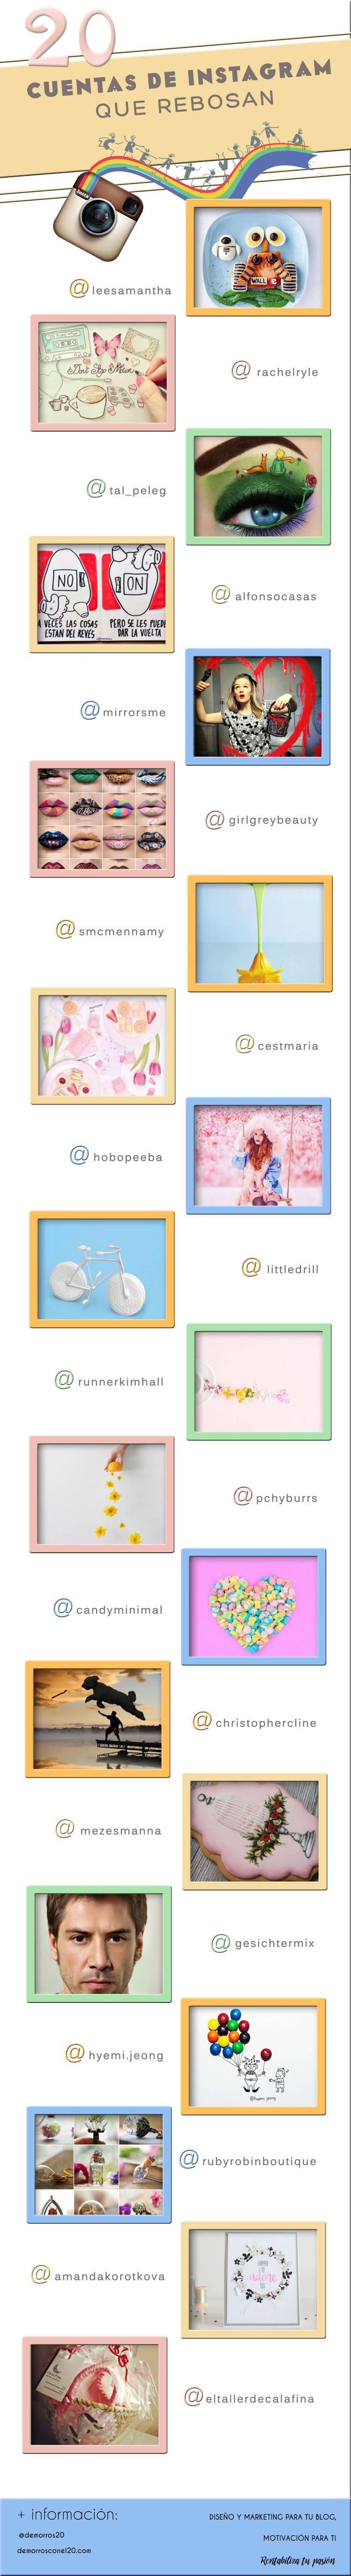 infografia-20-cuentas-instagram-creatividad